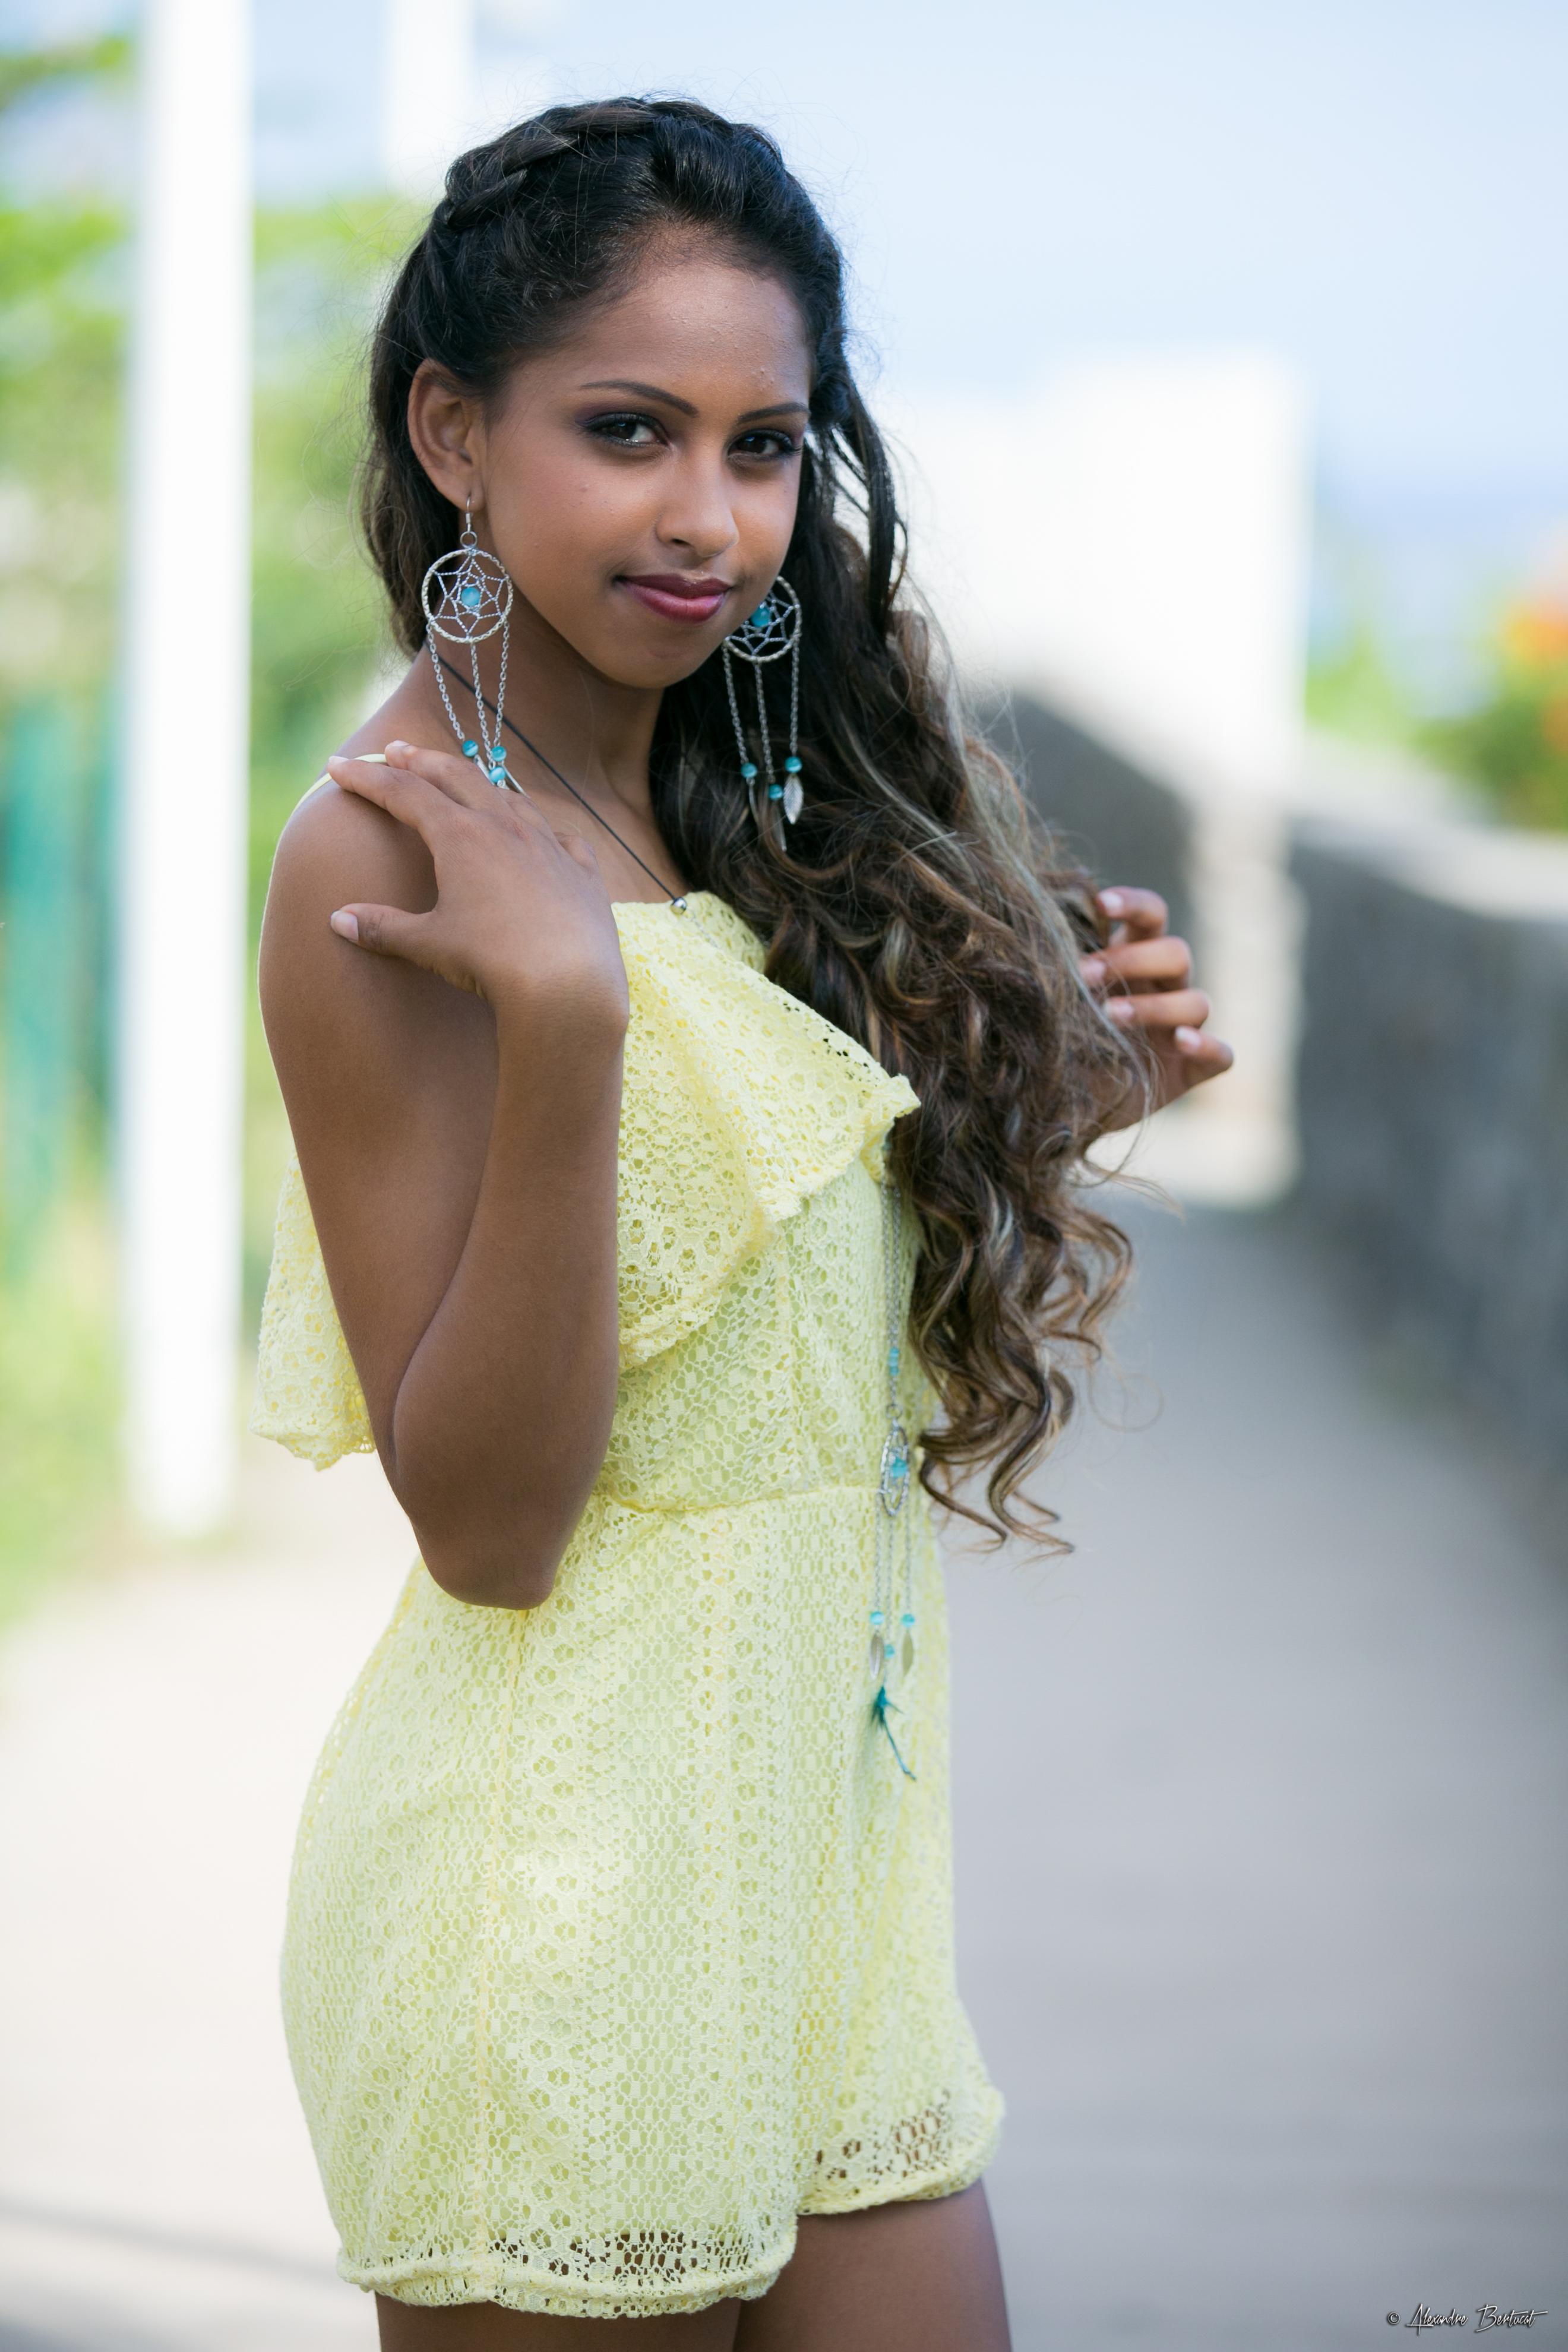 4 - Anishia Zettor